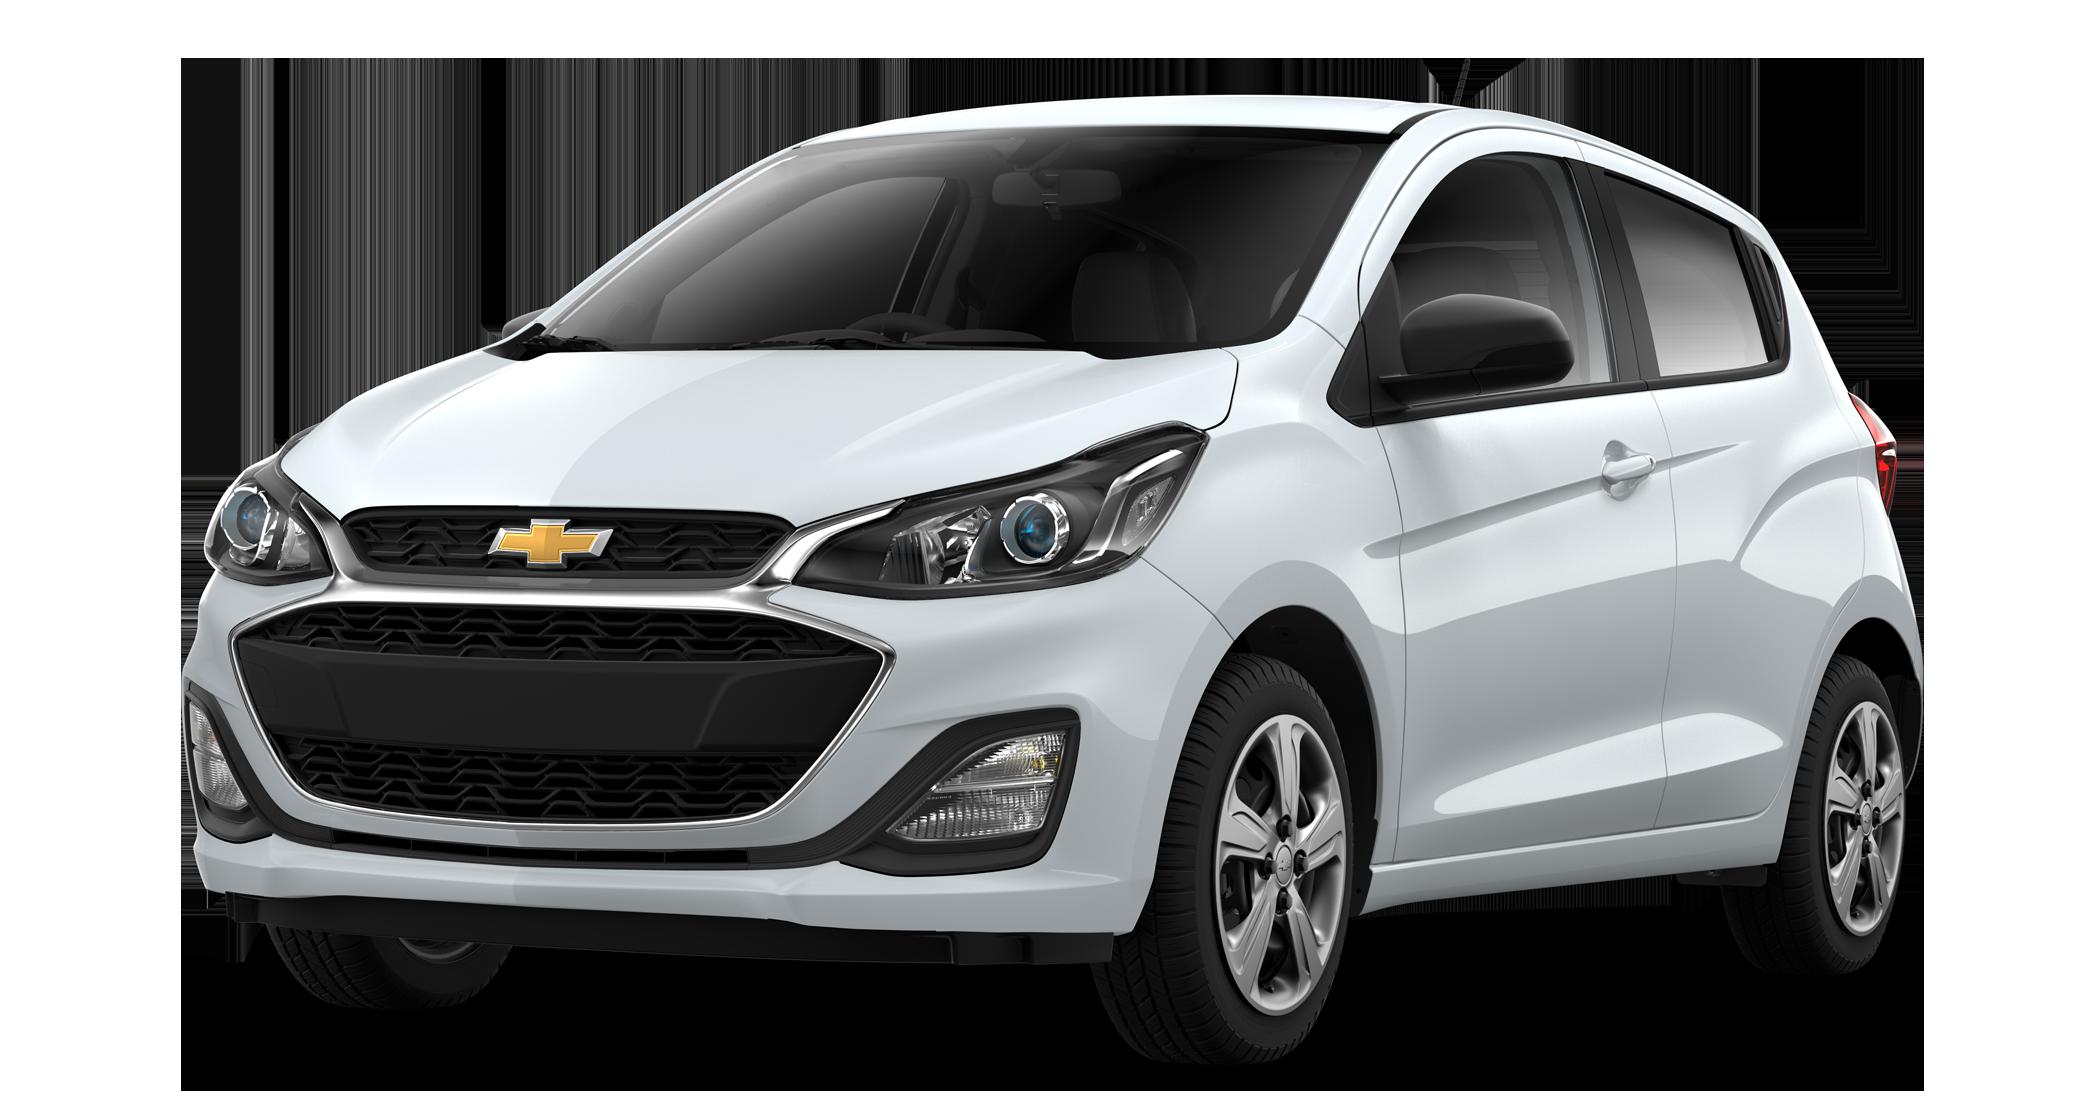 Kelebihan Chevrolet Spark 2019 Murah Berkualitas